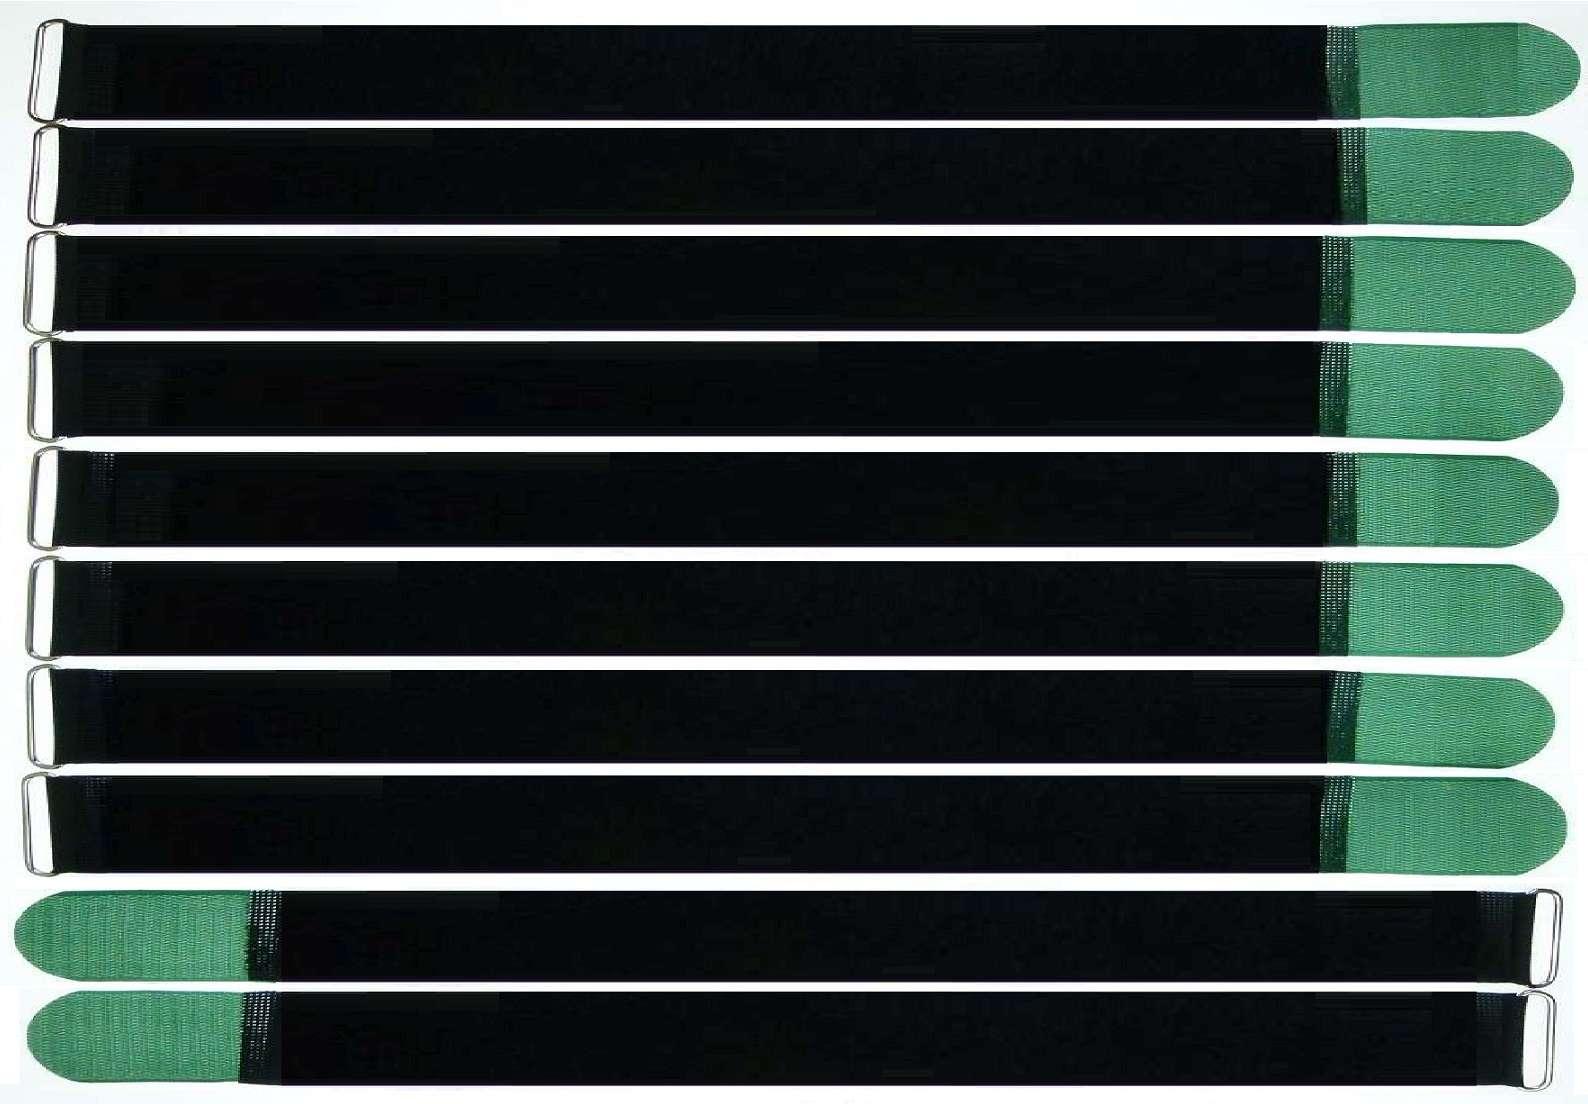 60 Klettkabelbinder ECO GEMISCHT Klettbänder Kabelklett Kabelbinder Klettband